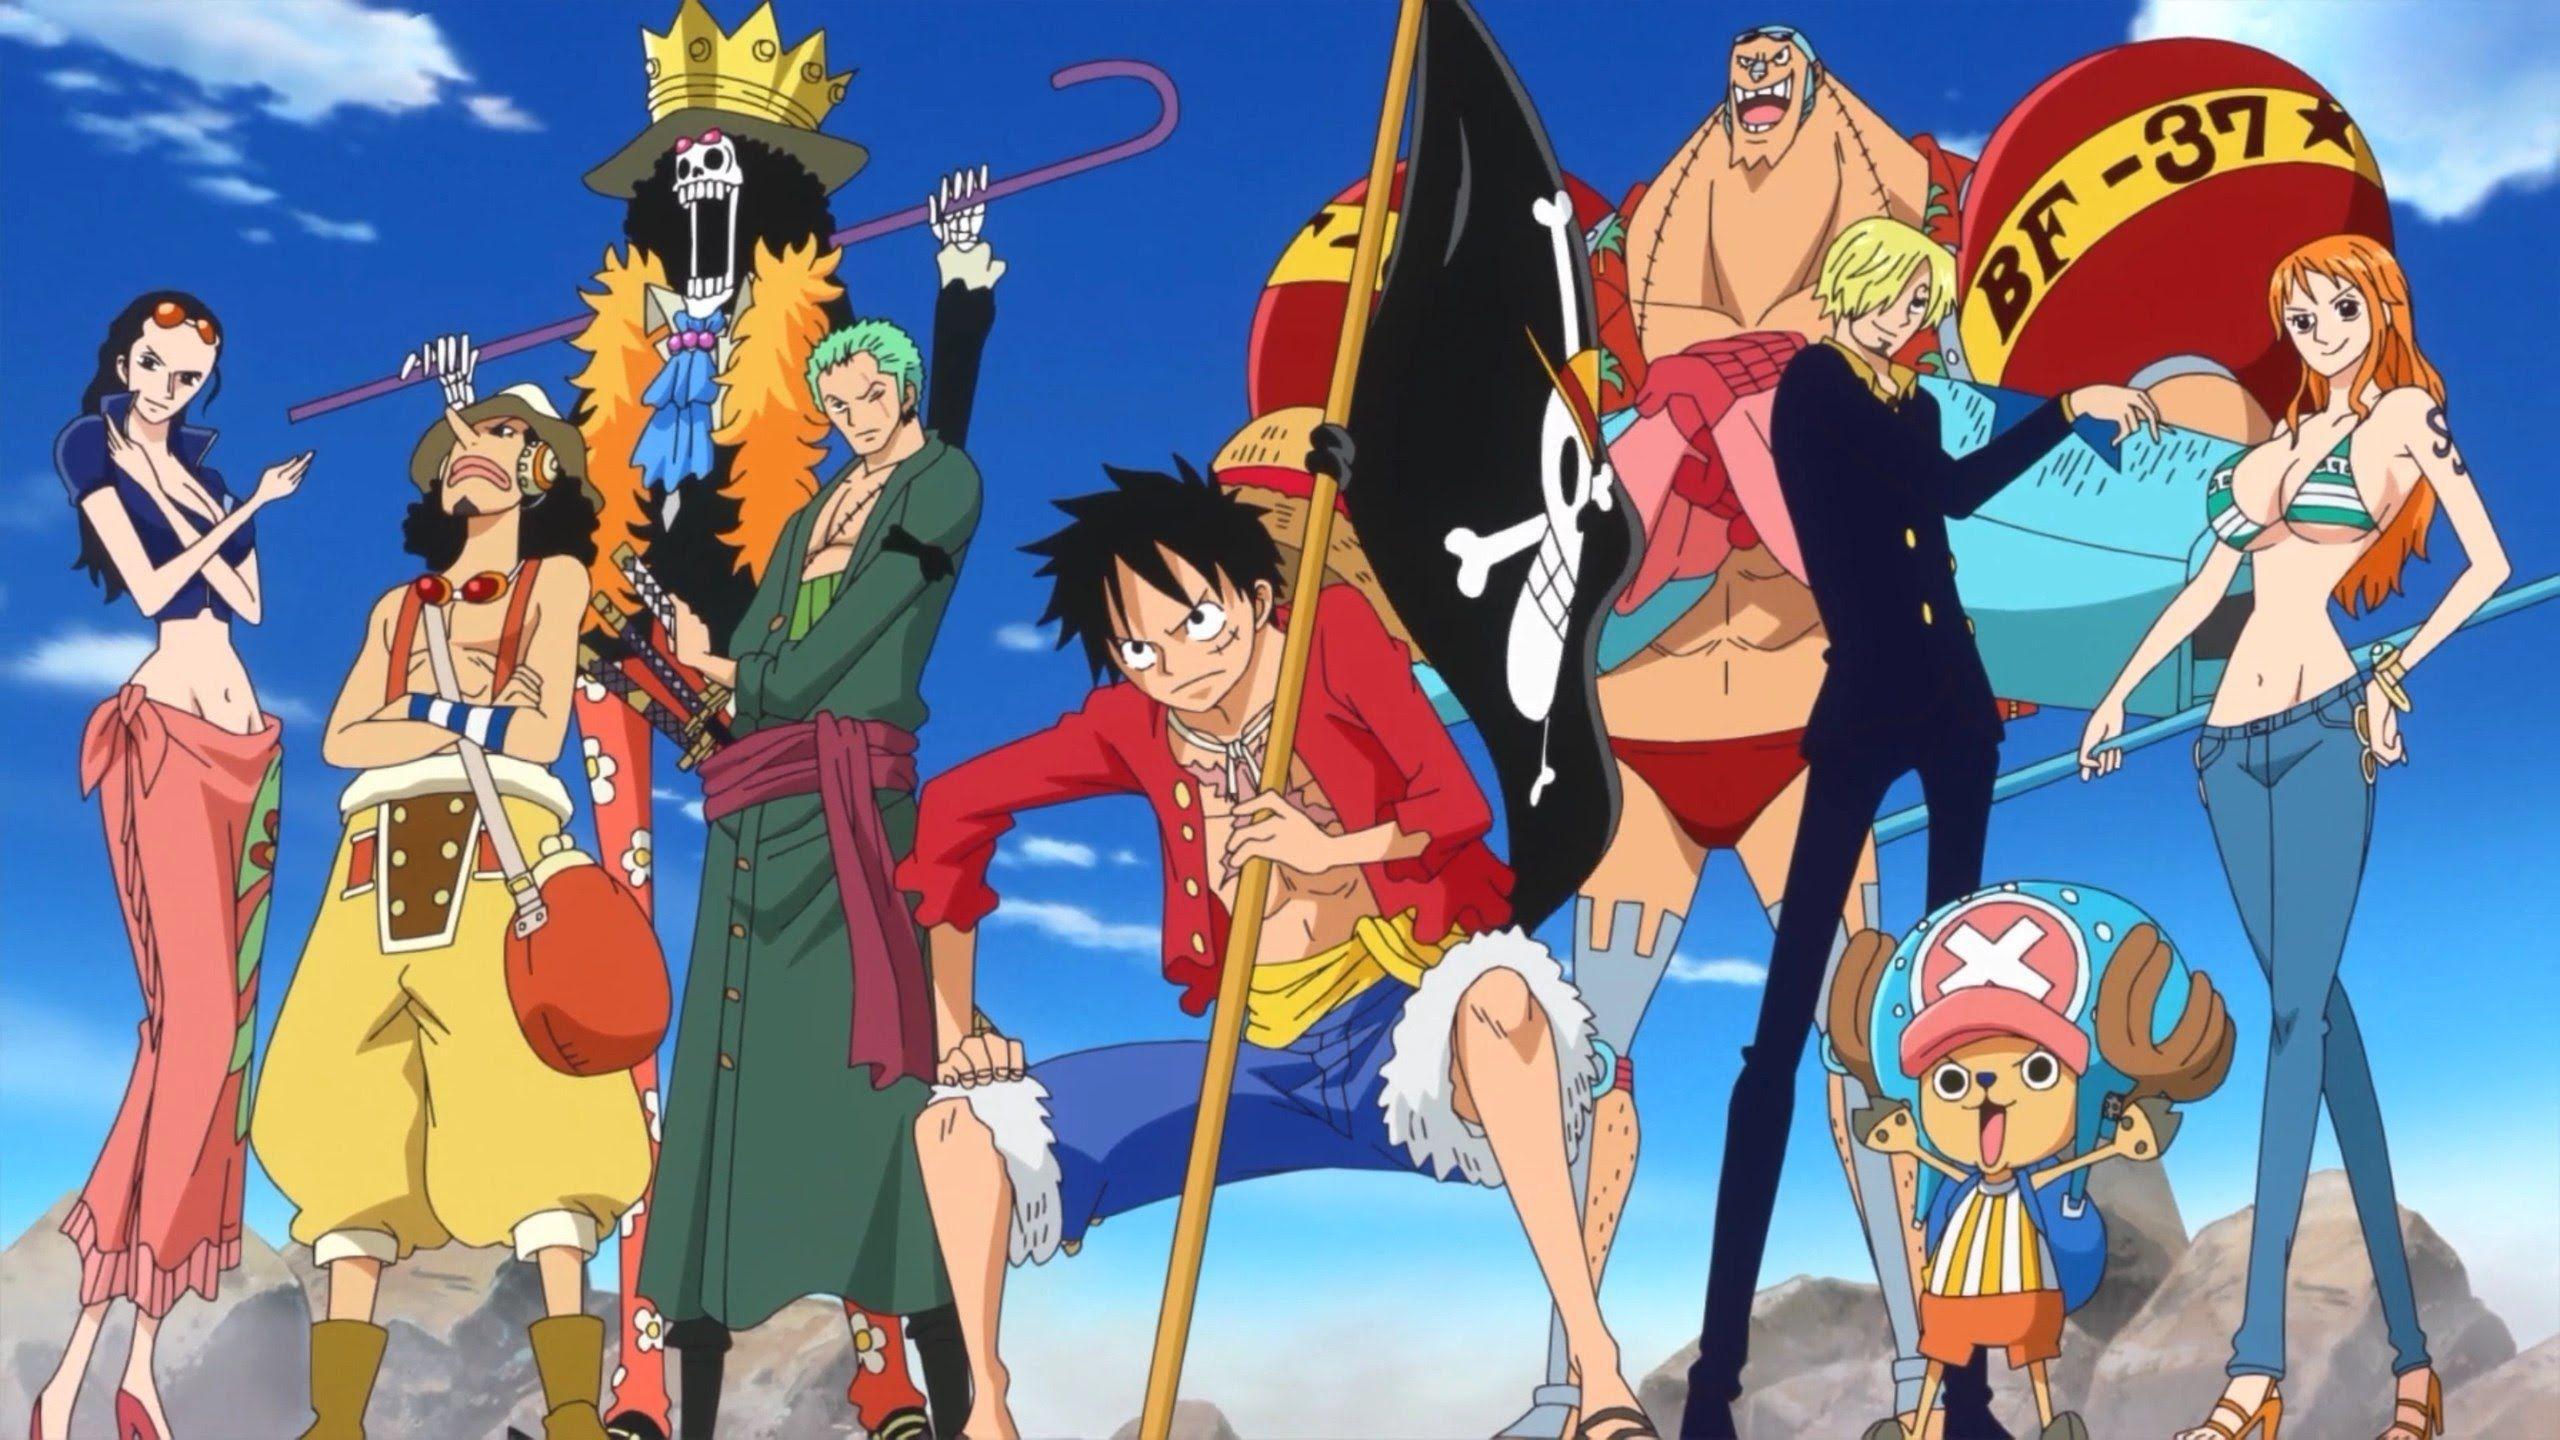 La gran serie One Piece, que aún continúa su emisión con +700 episodios, ¿cuándo comenzó a emitirse?